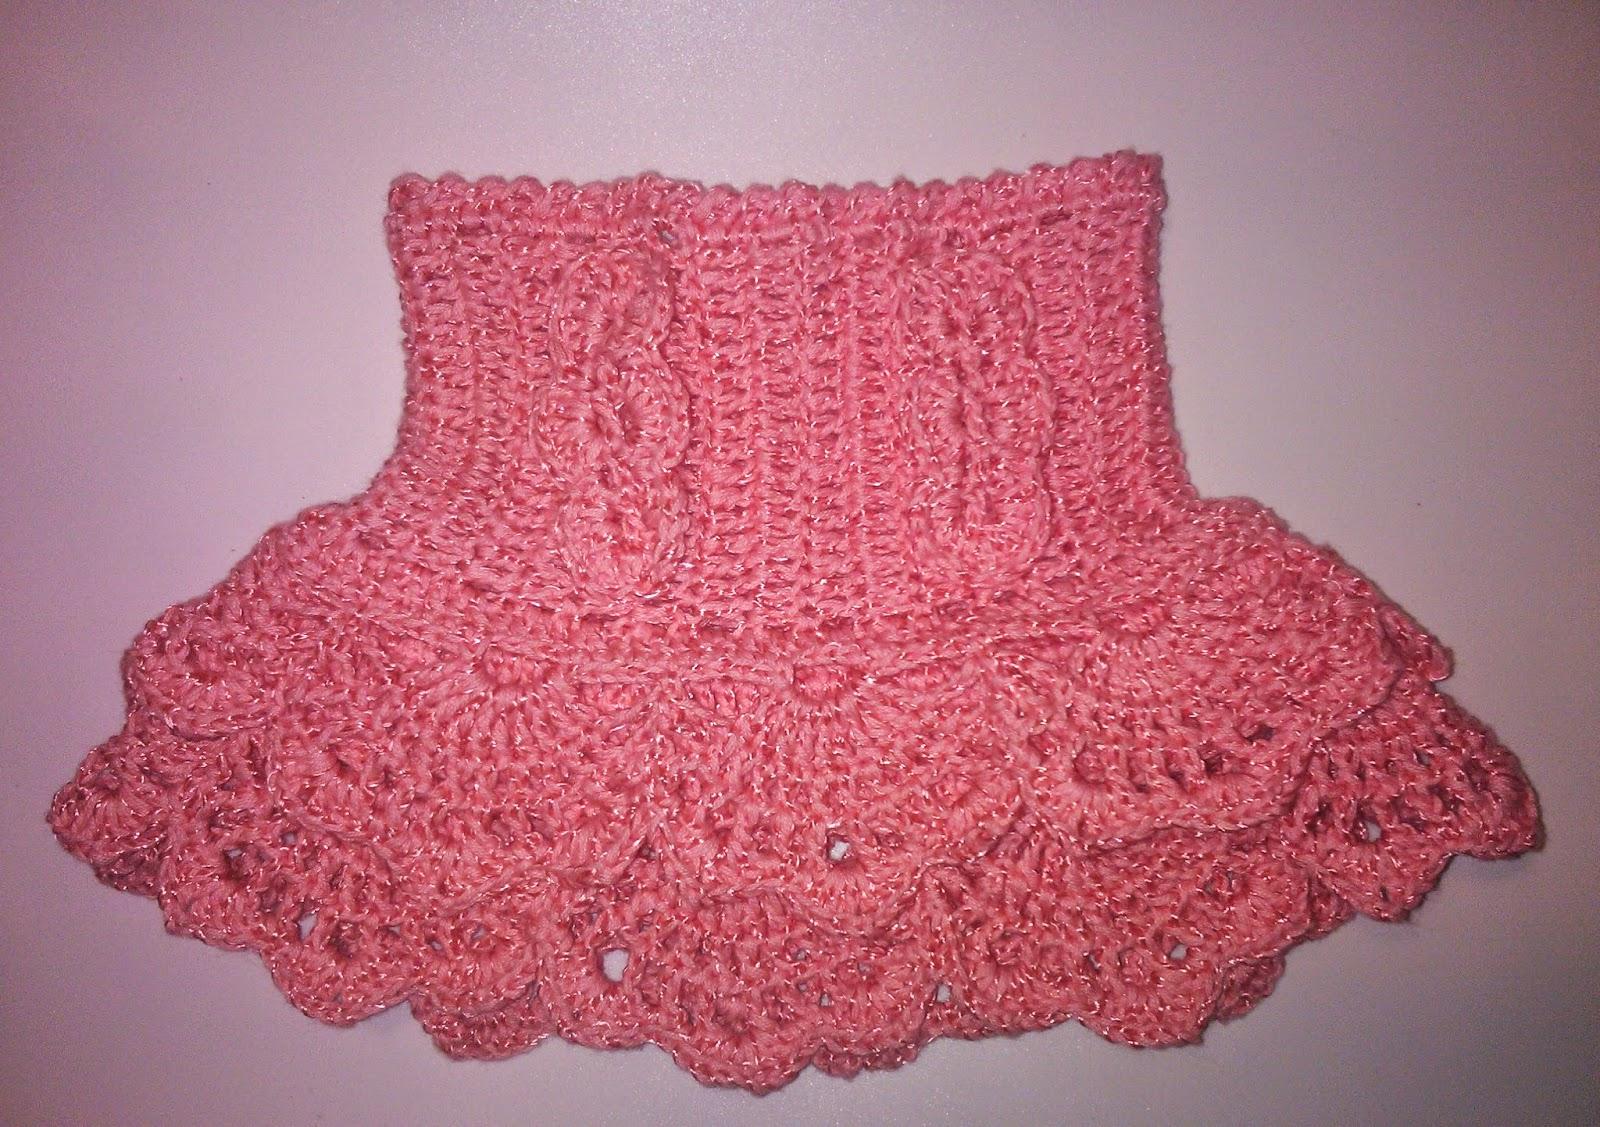 фото схема юбка крючком с воланами